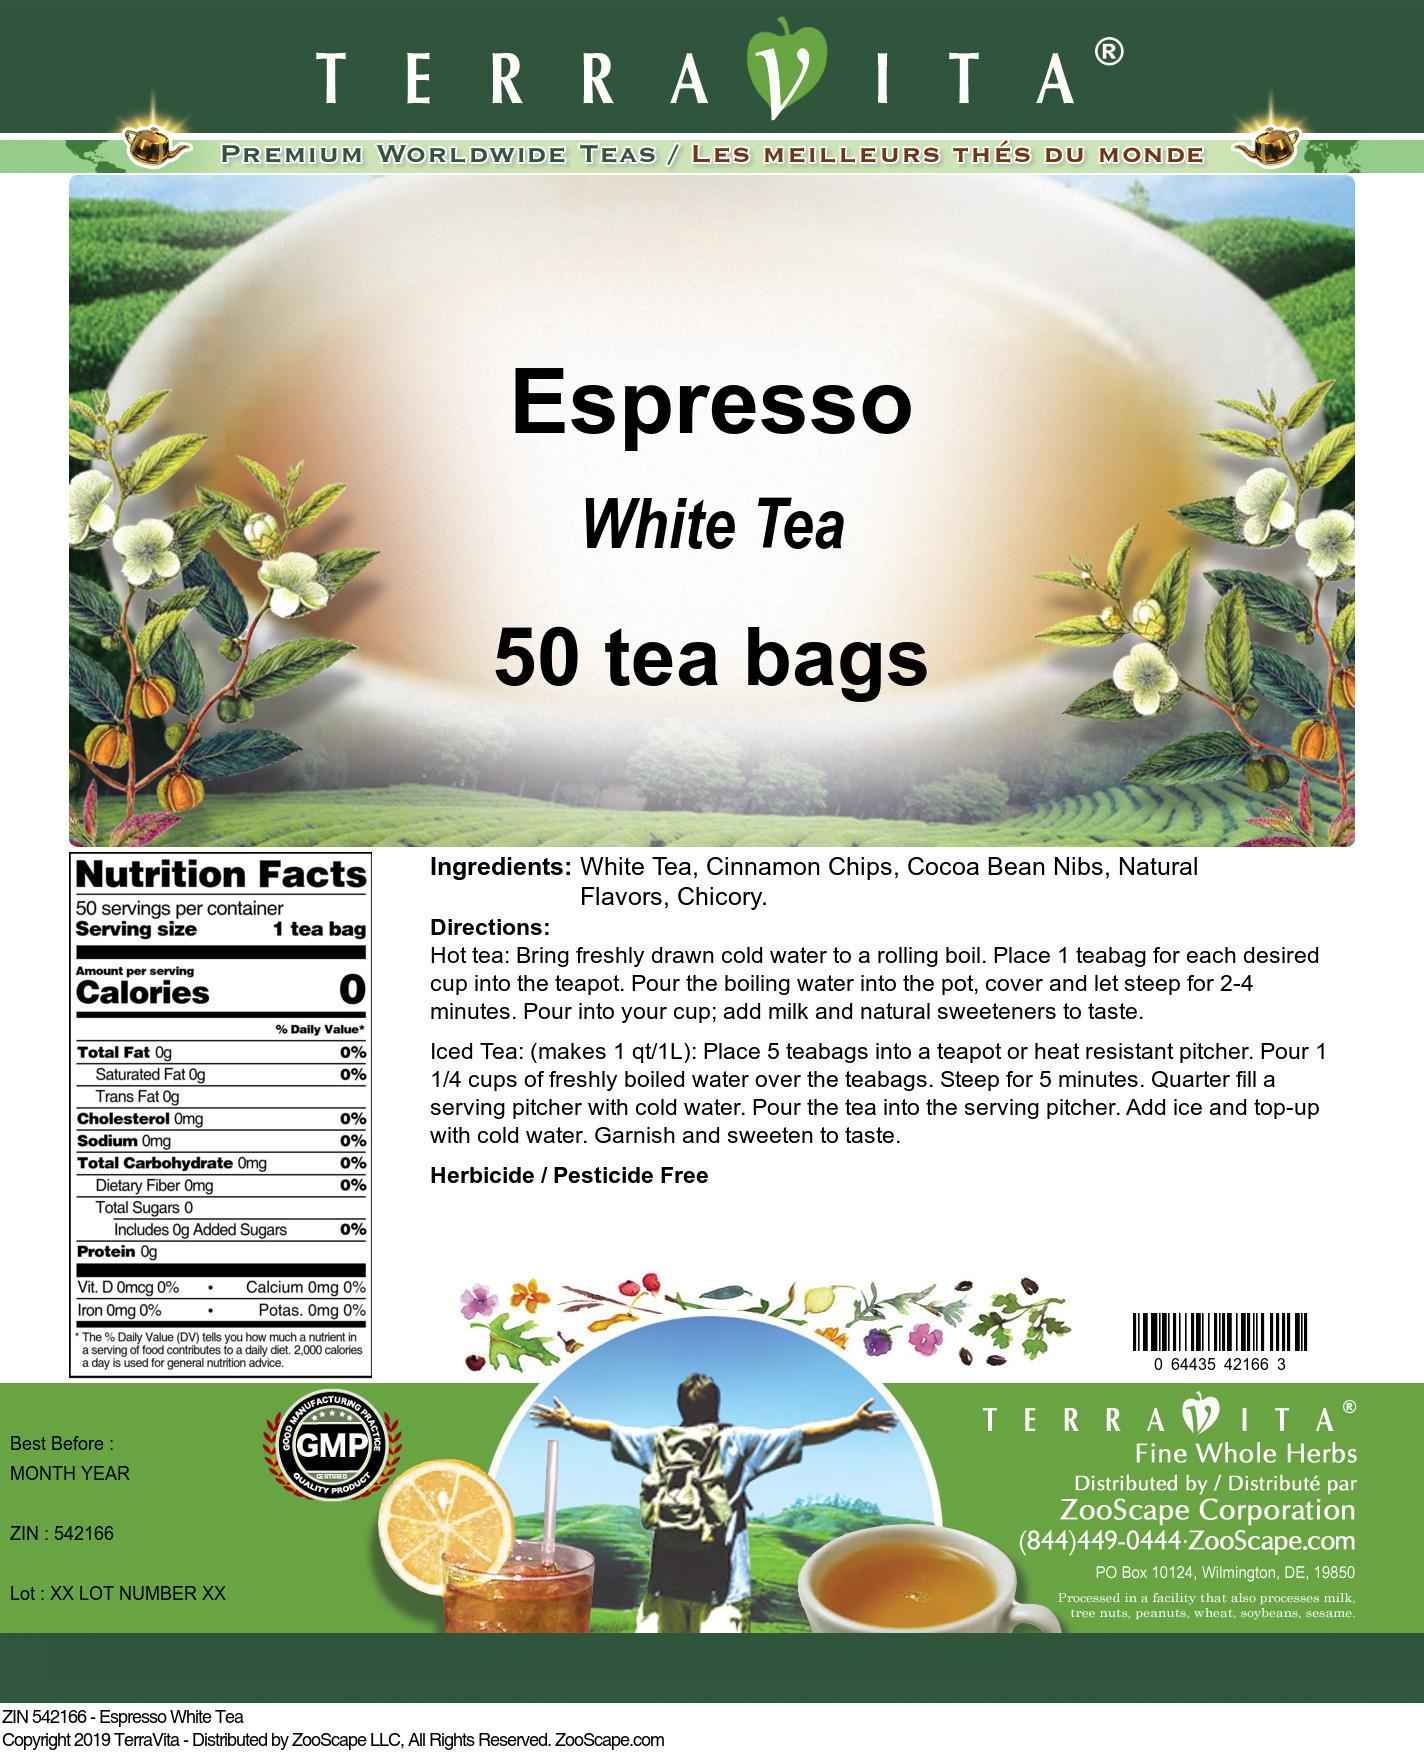 Espresso White Tea